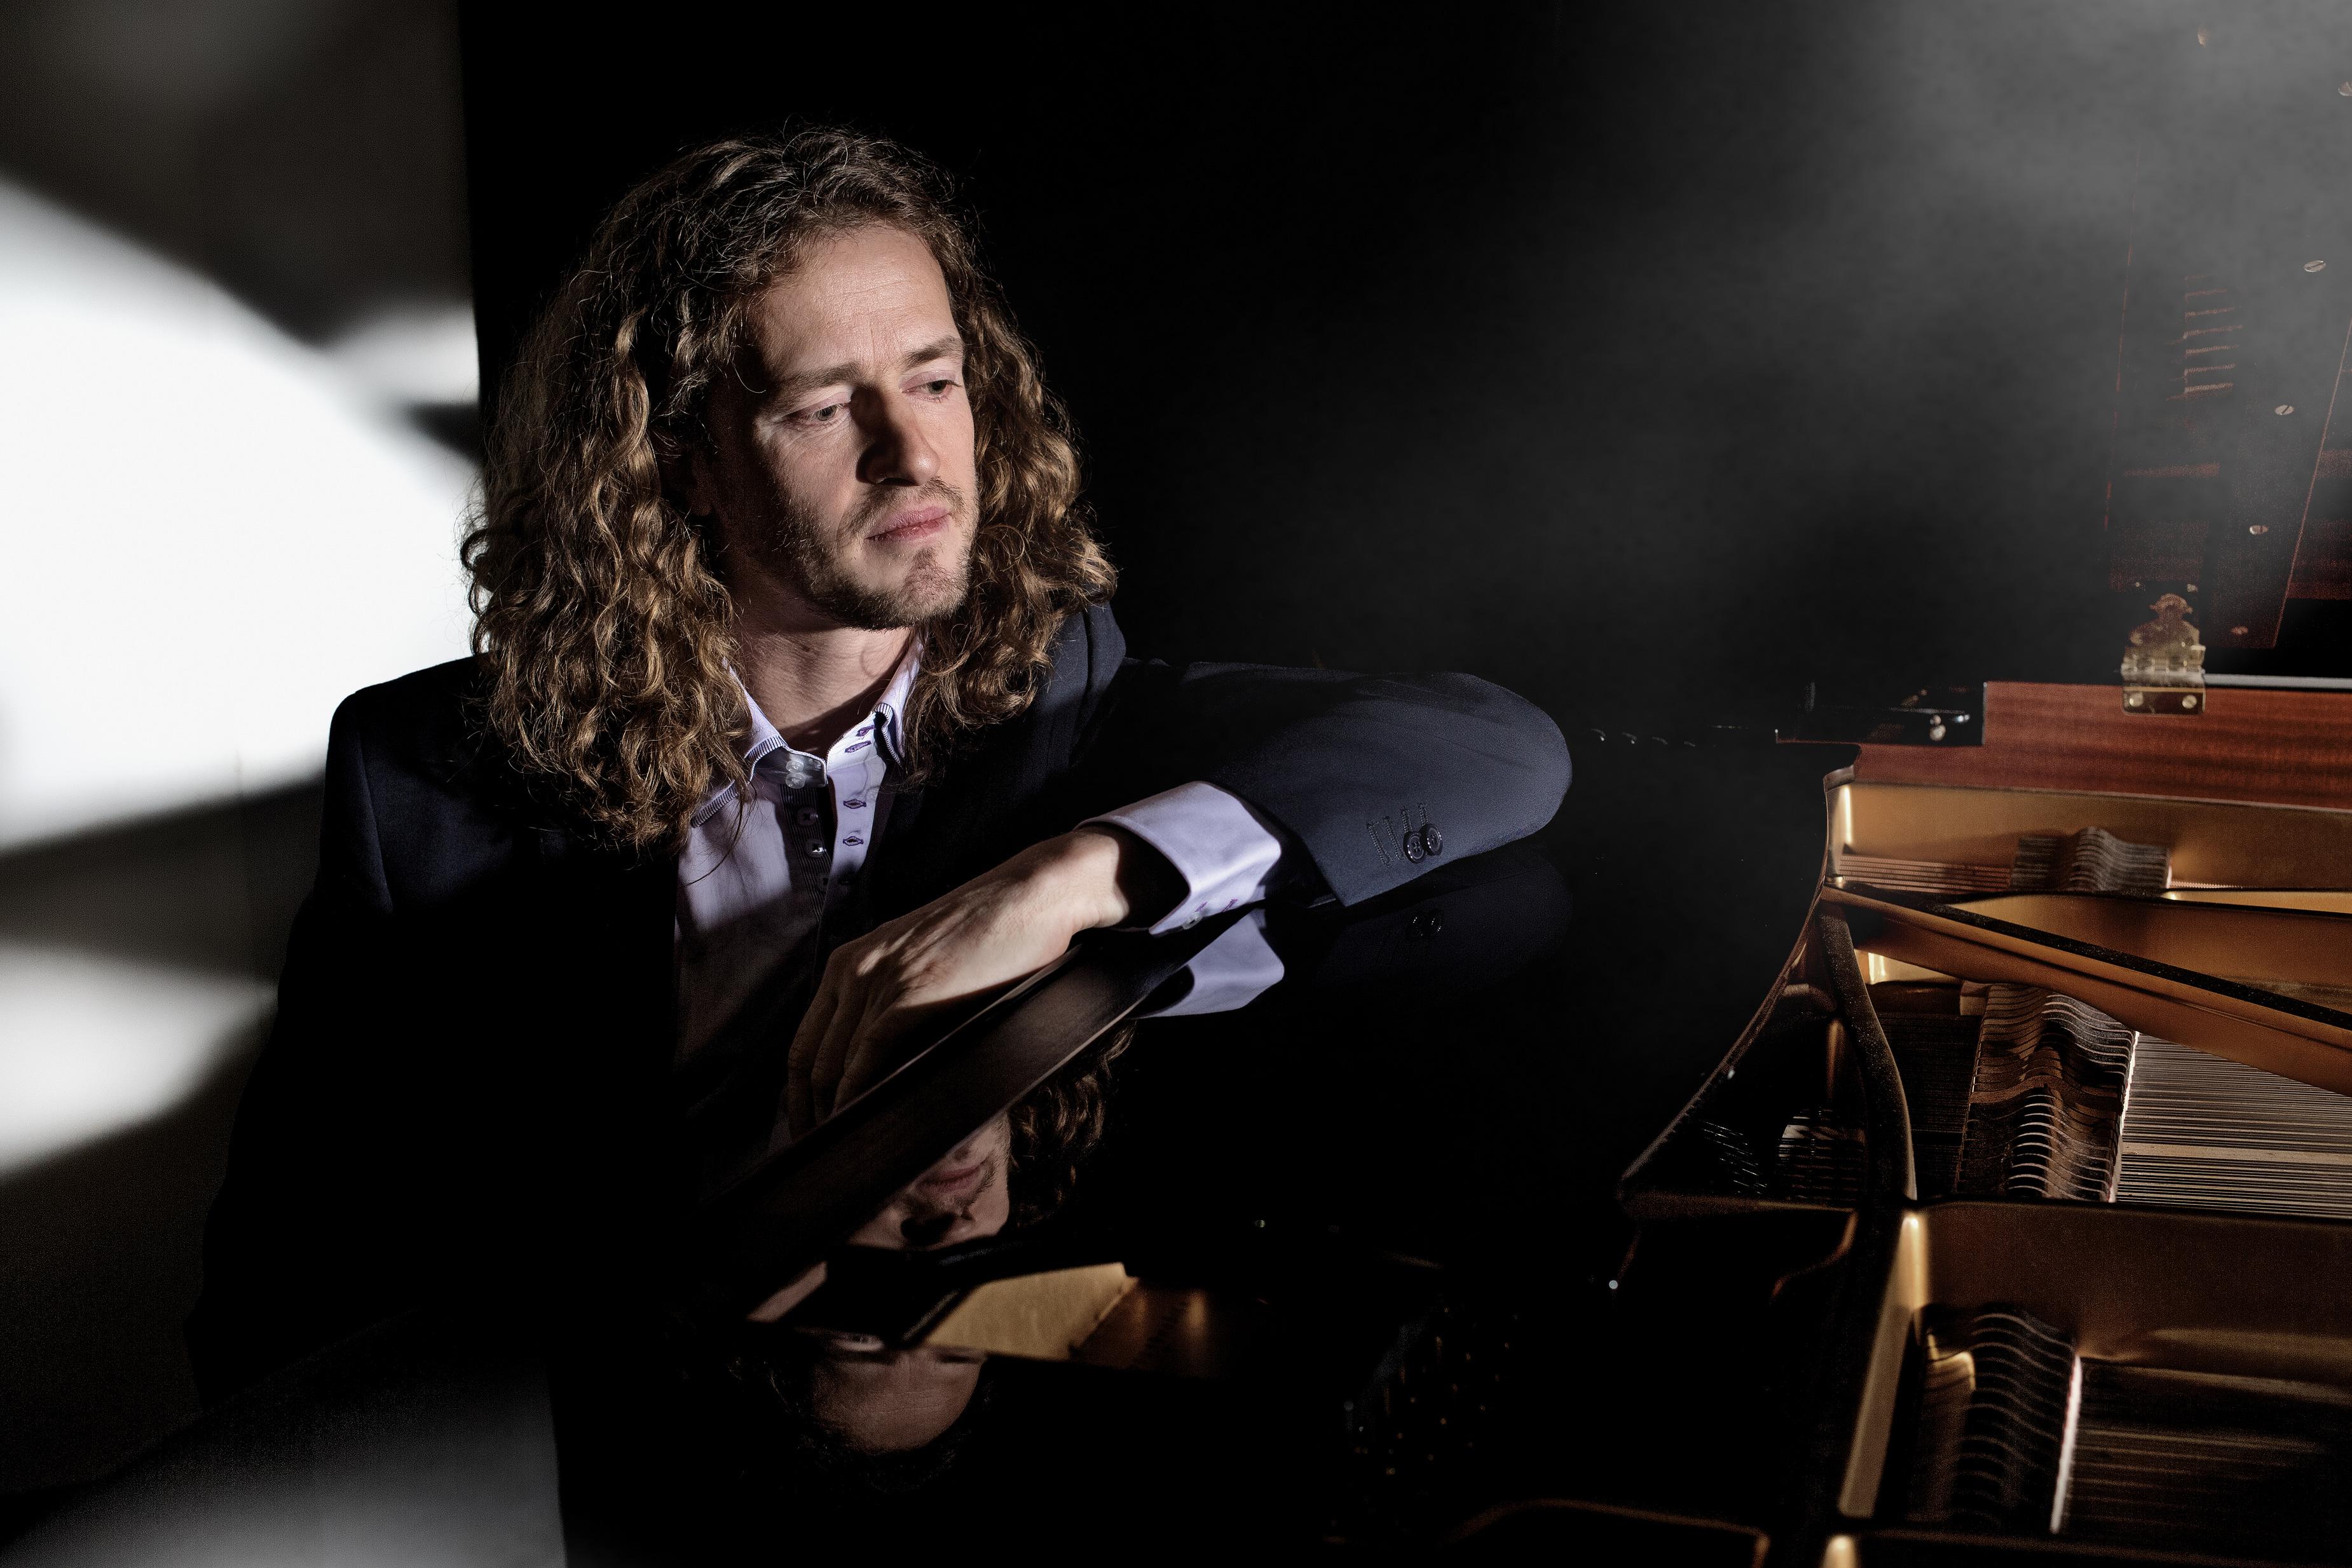 Roon Staal begeleidt zichzelf vanachter de piano. (Foto: Max Smolin)